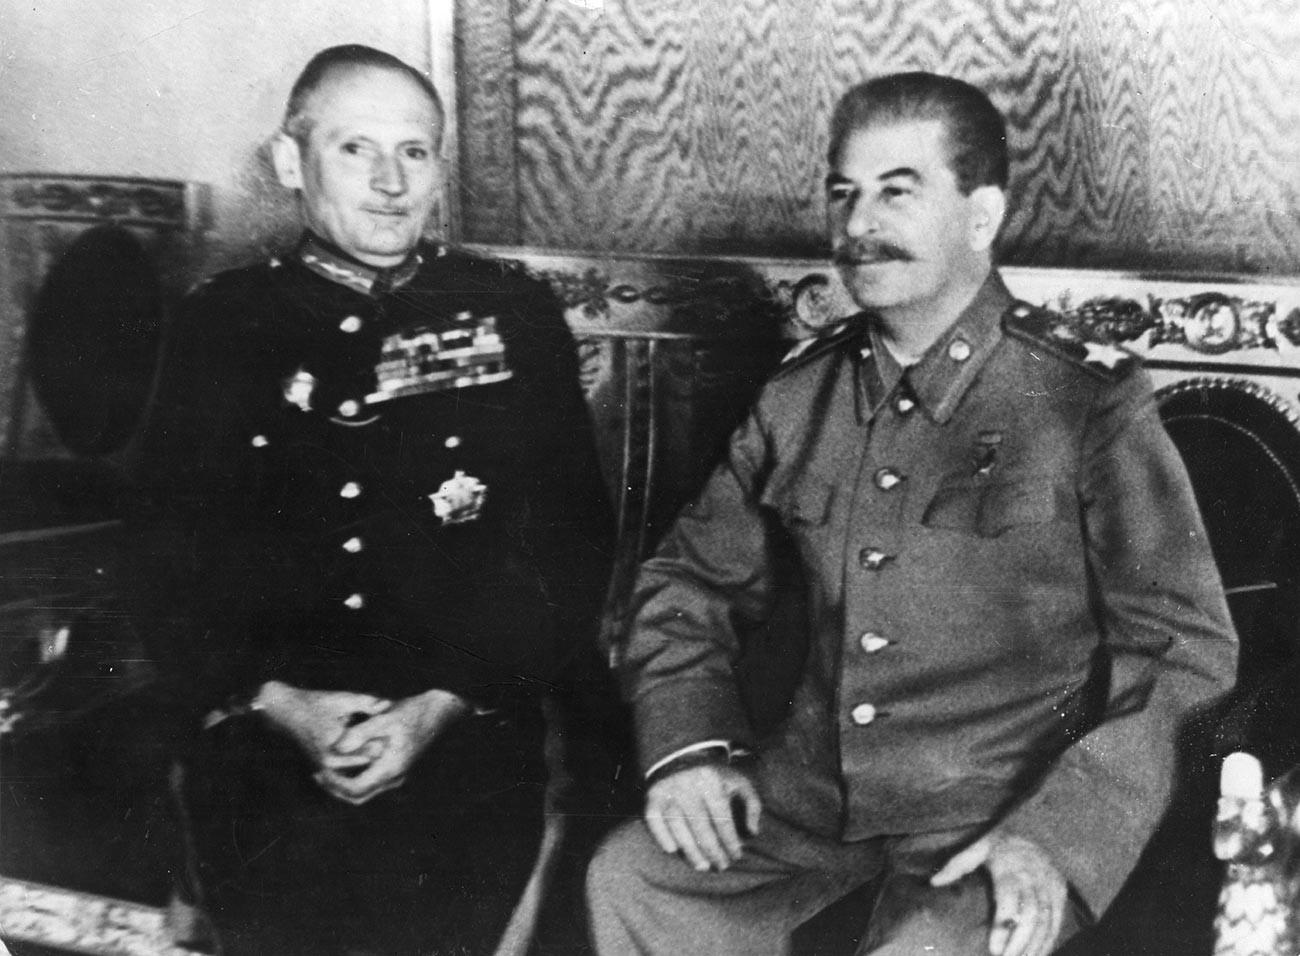 Generalfeldmarschall Bernard L. Montgomery mit seinem Siegesorden und Josef Stalin